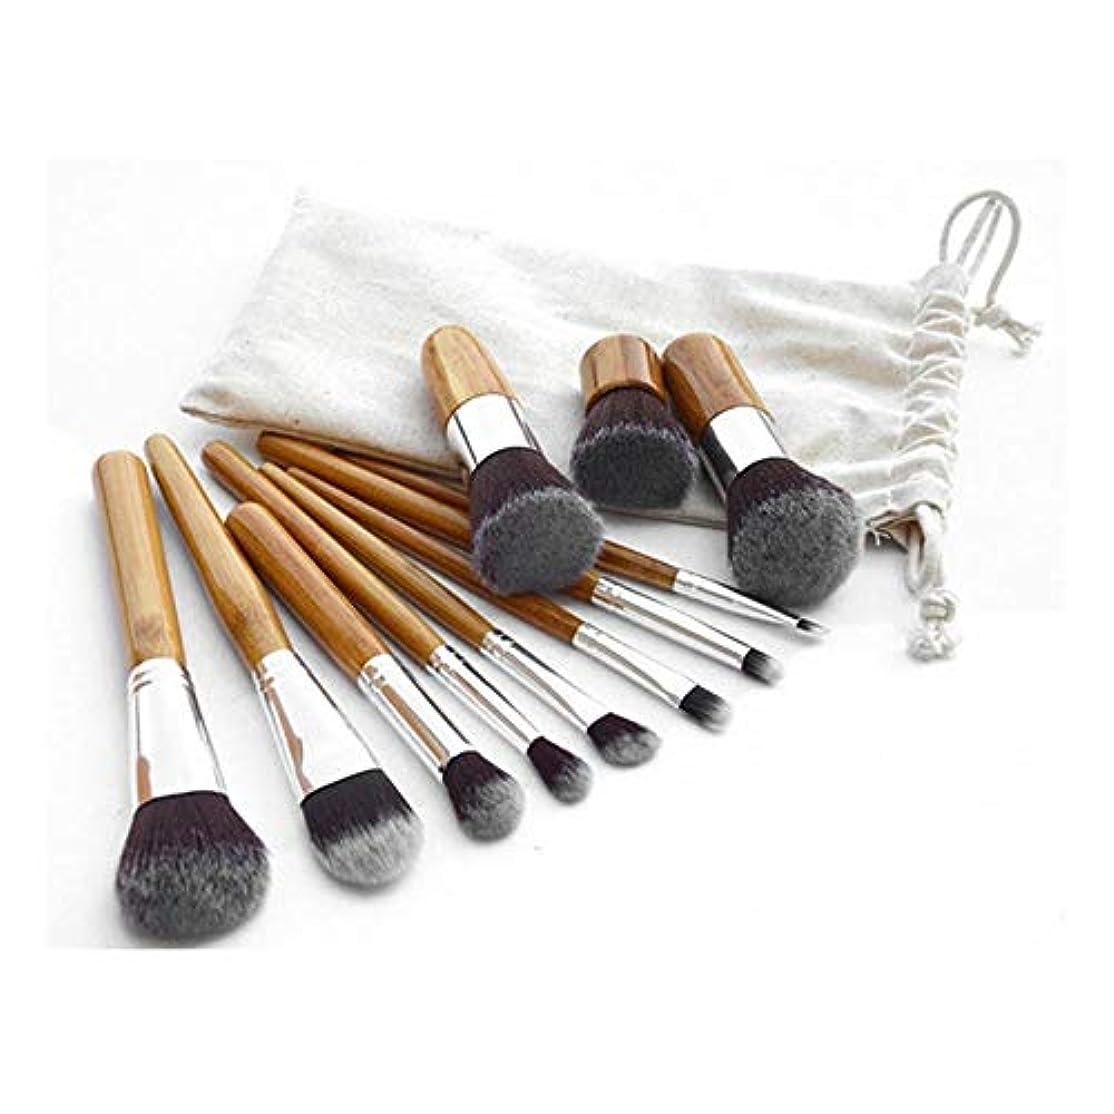 11本 化粧ブラシセット 化粧筆 パウダーブラシ コスメ アイシャドーブラシ 化粧ブラシ 高級繊維毛 柔らかい 携帯便利 ソフトメイクブラシセット キャリーバッグ付き